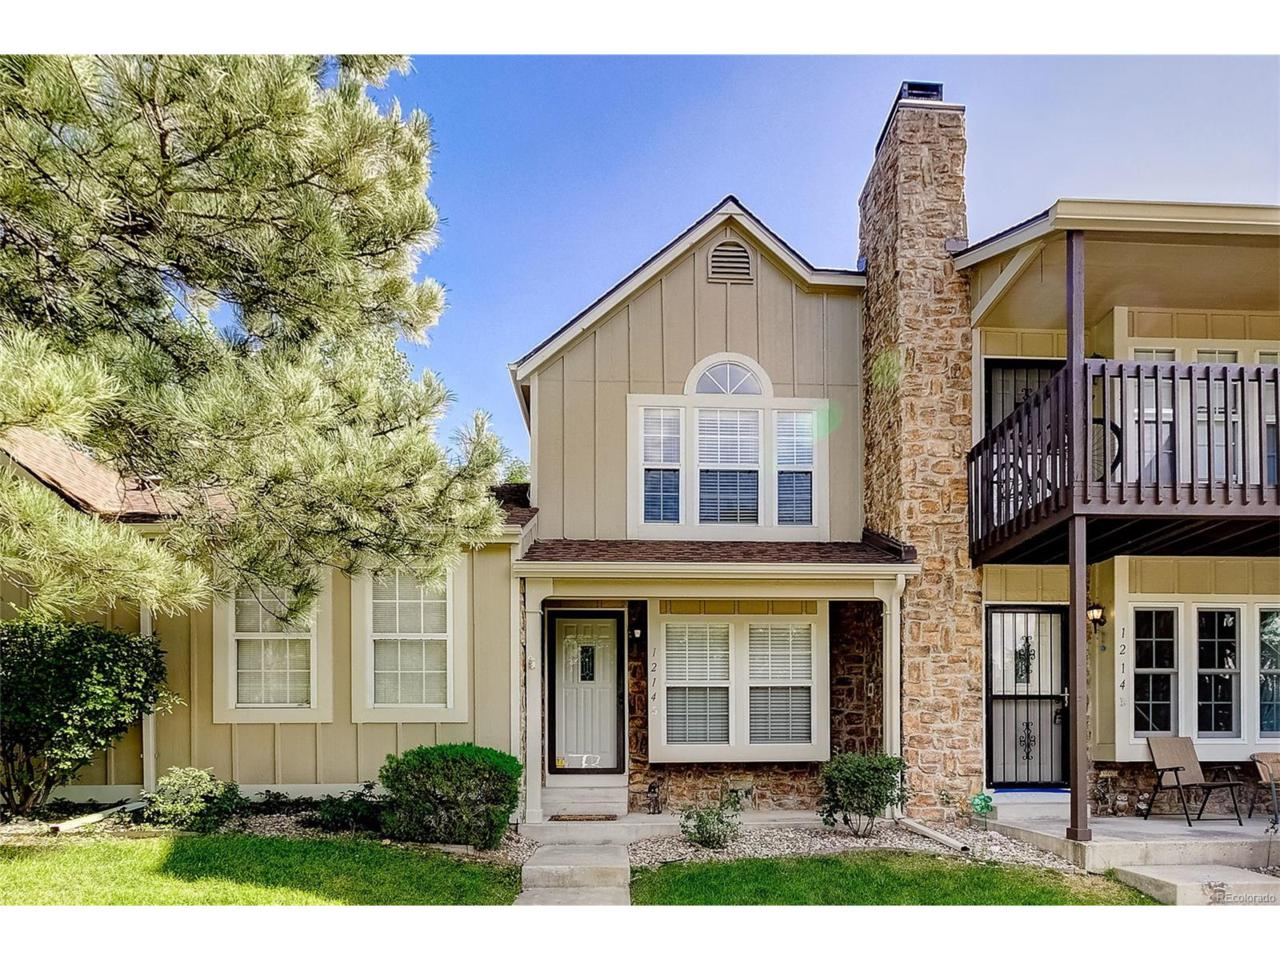 1214 S Flower Circle B, Lakewood, CO 80232 (MLS #9980842) :: 8z Real Estate